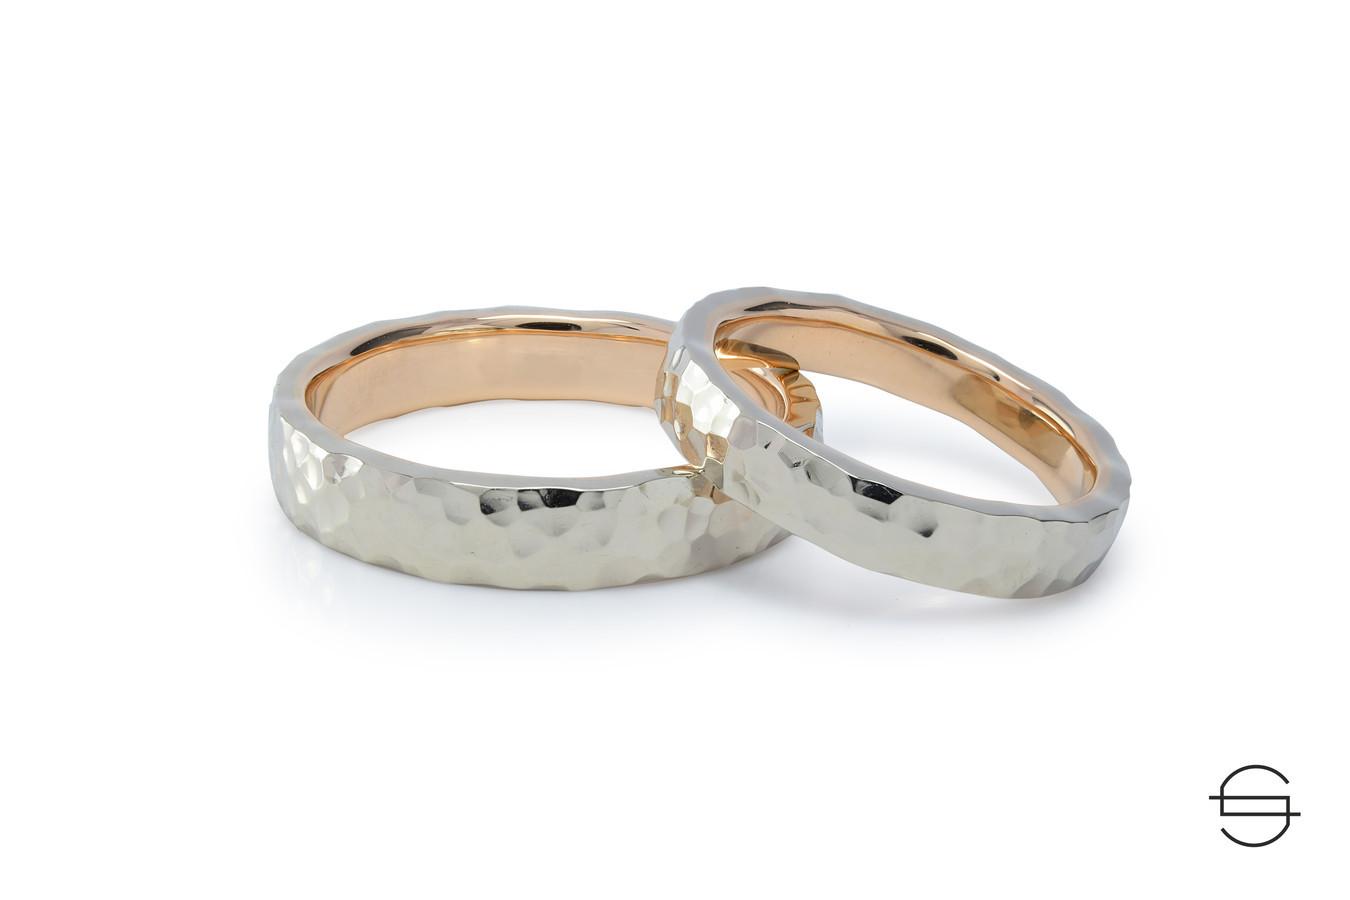 Kalinėti vestuviniai žiedai. Balto ir raudono aukso derinys.